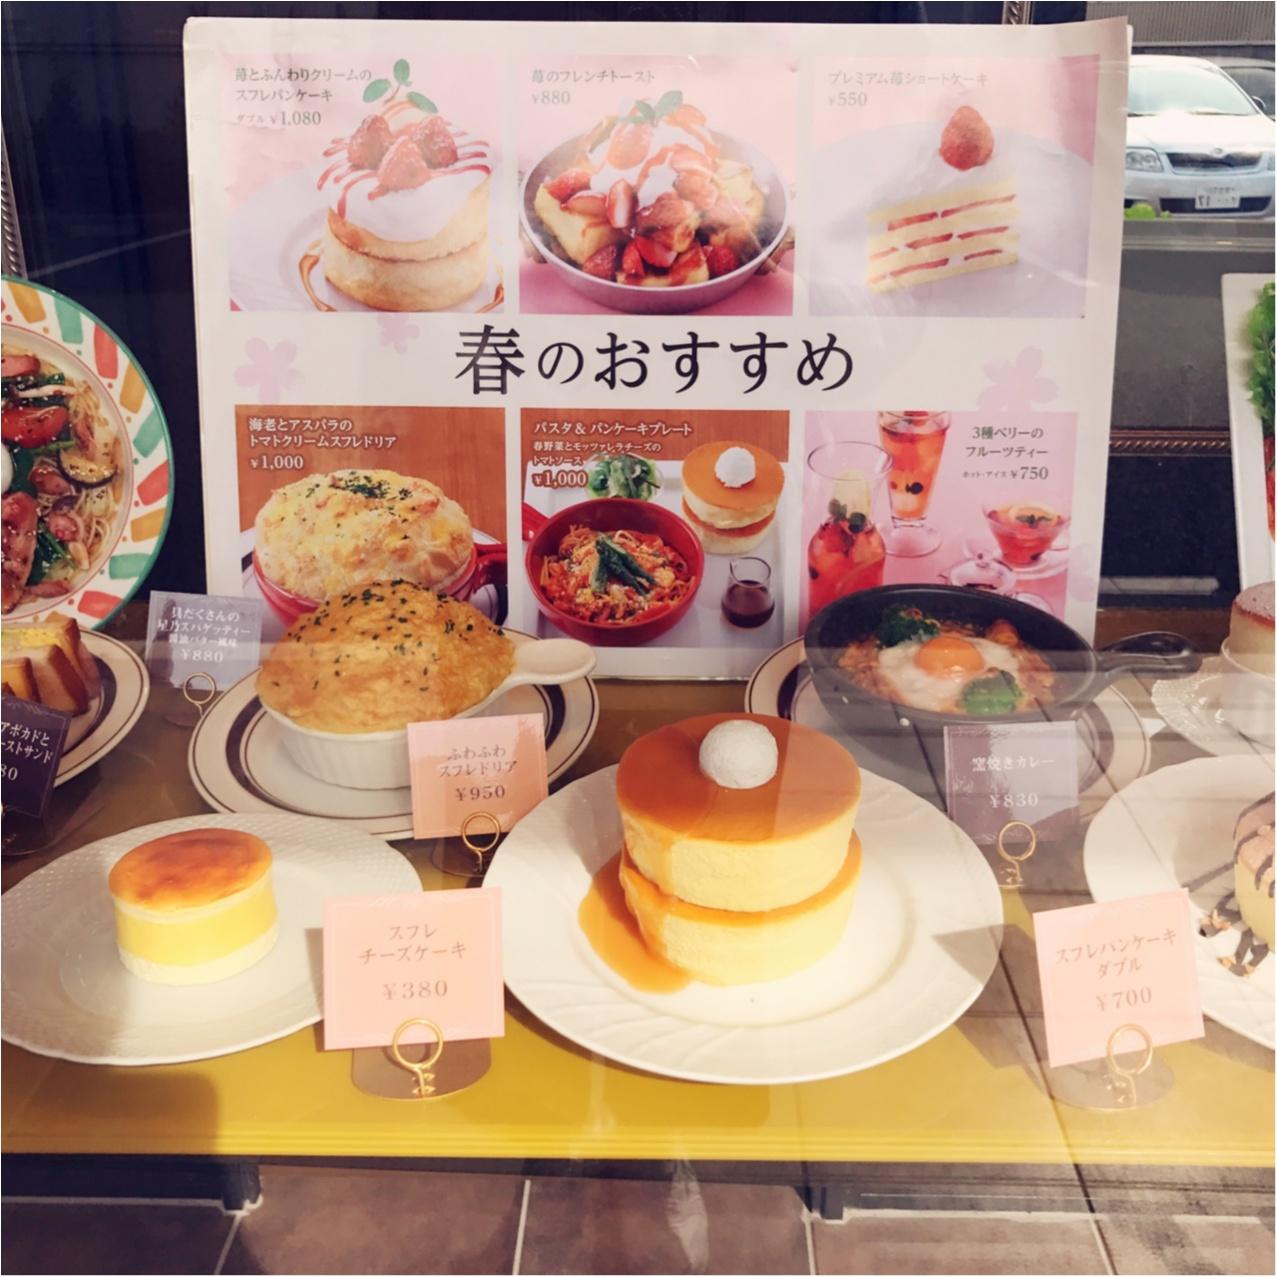 『星乃珈琲店』の春限定メニューは【いちご】のパンケーキ❤︎_4